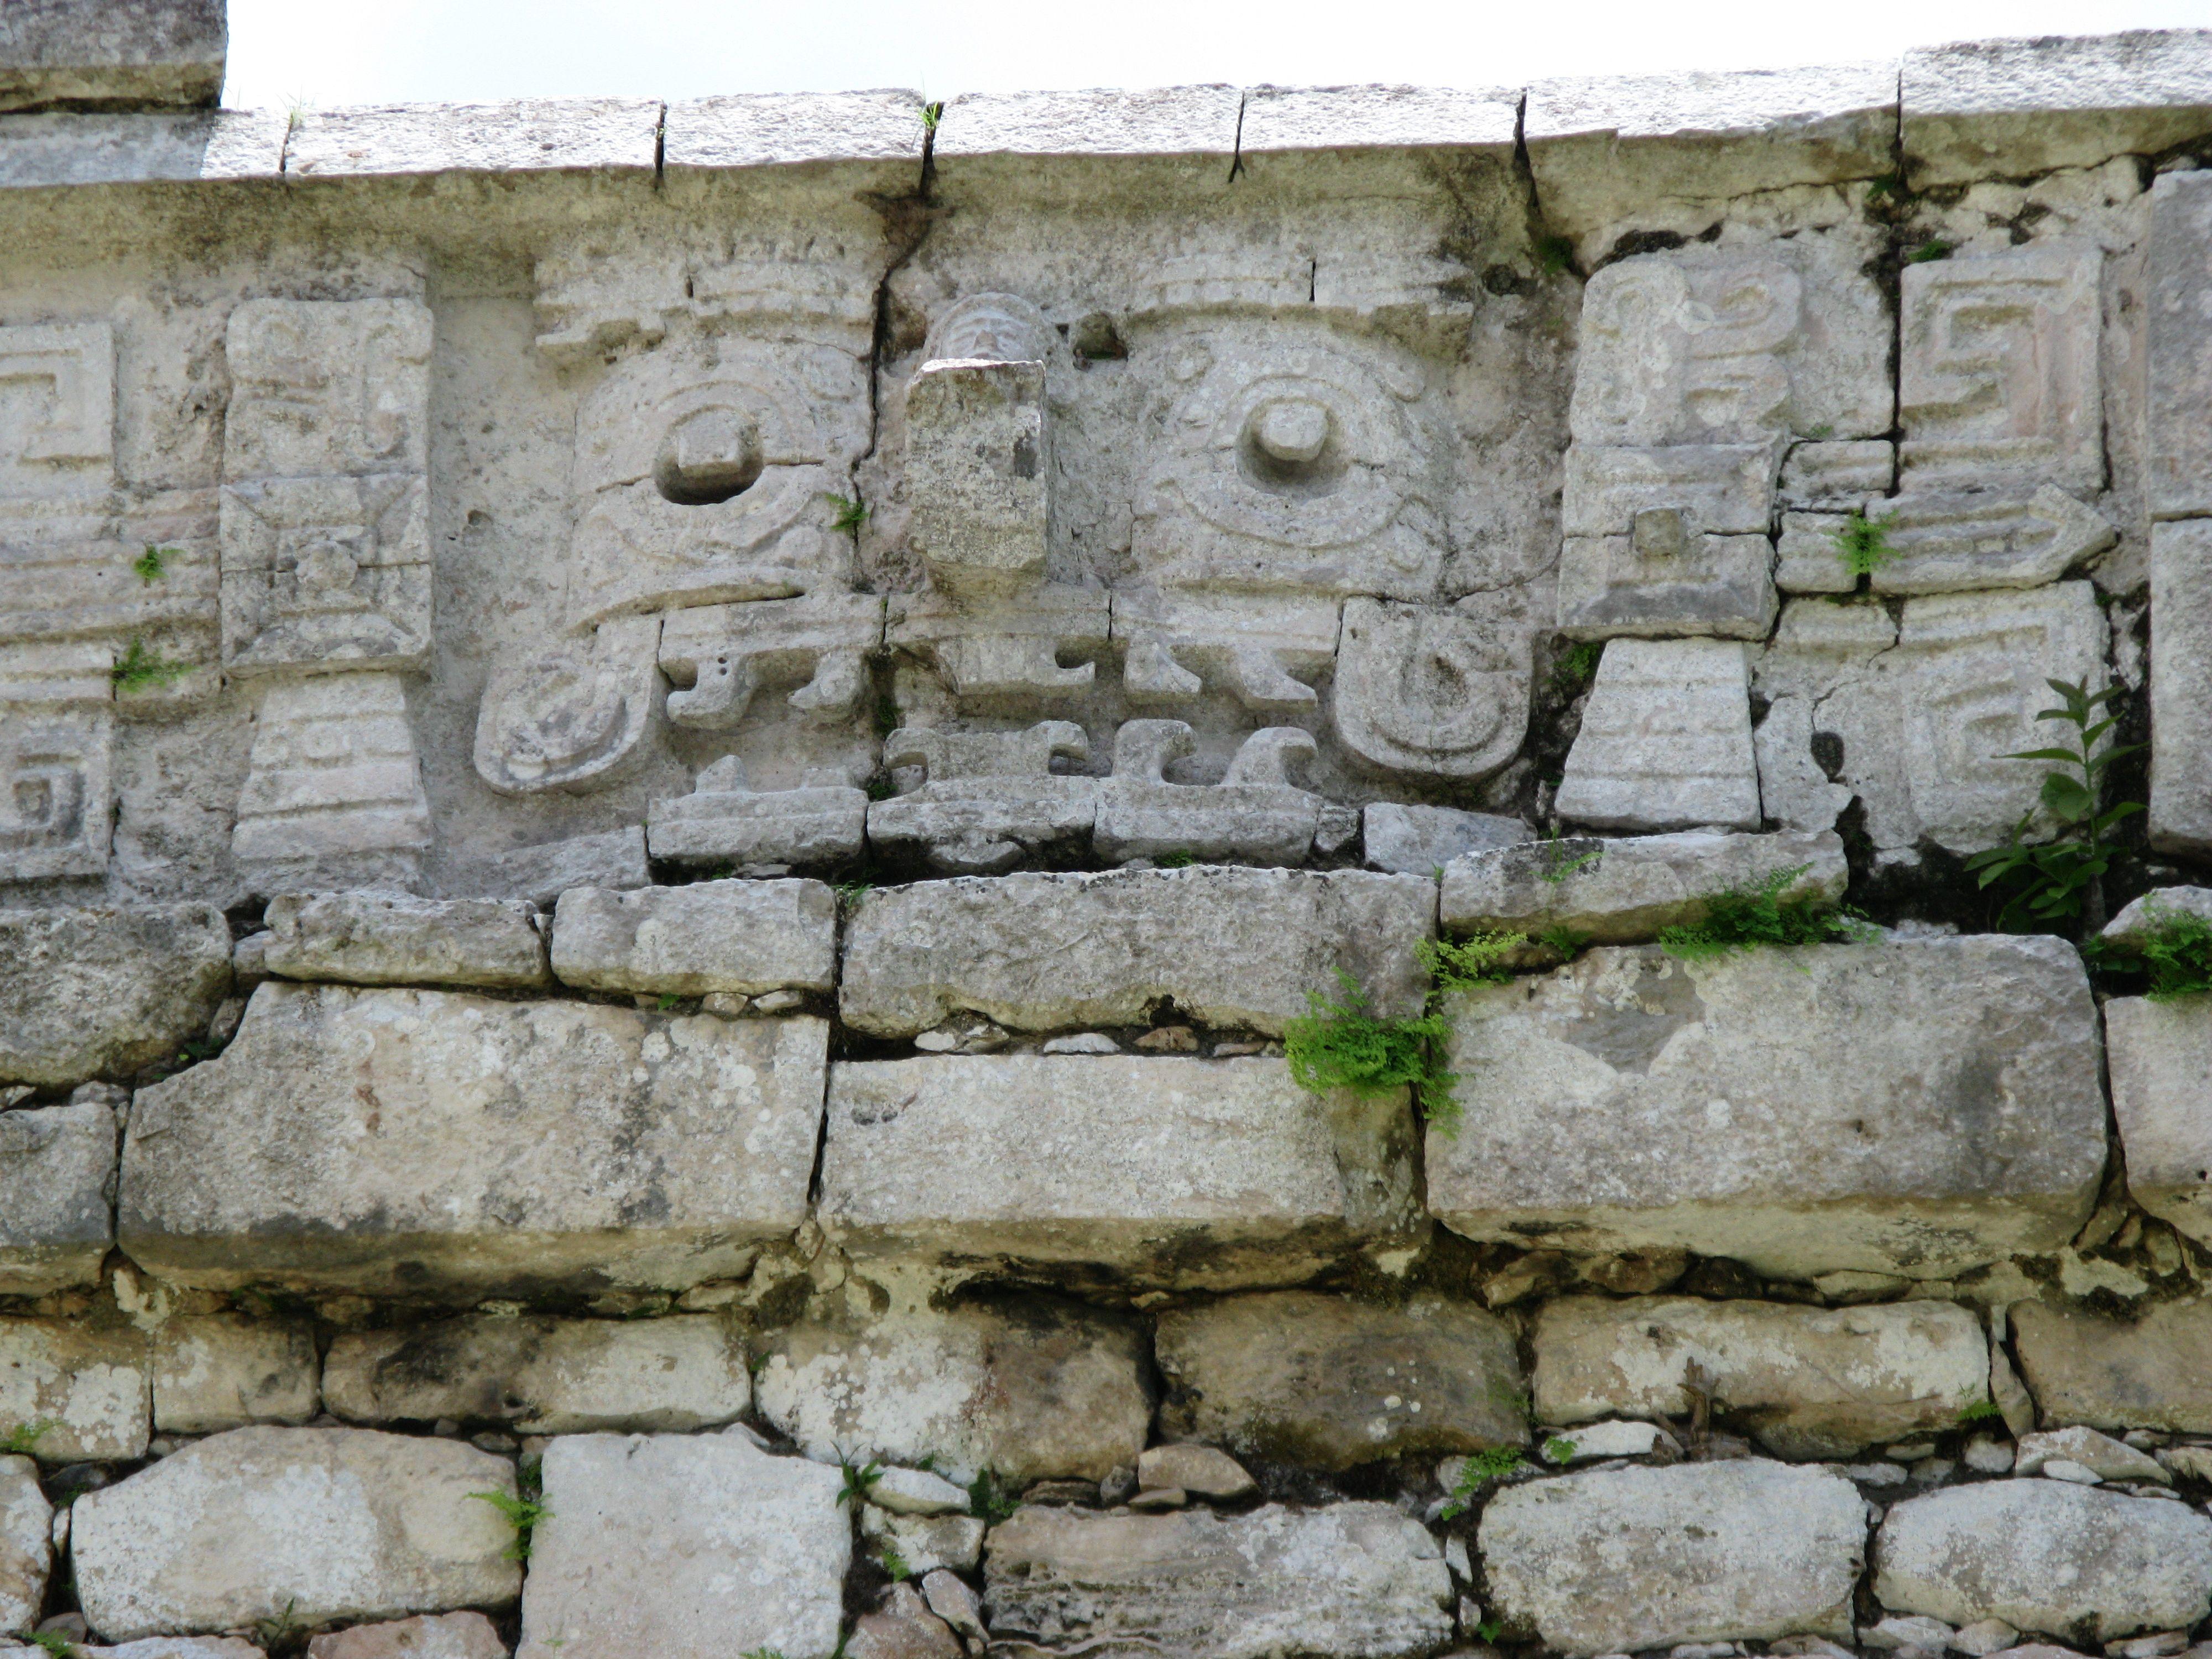 La ciudad prehispánica de Chichén Itzá fue la capital más sobresaliente del área Maya, a finales del periodo Clásico e inicios del Postclásico.